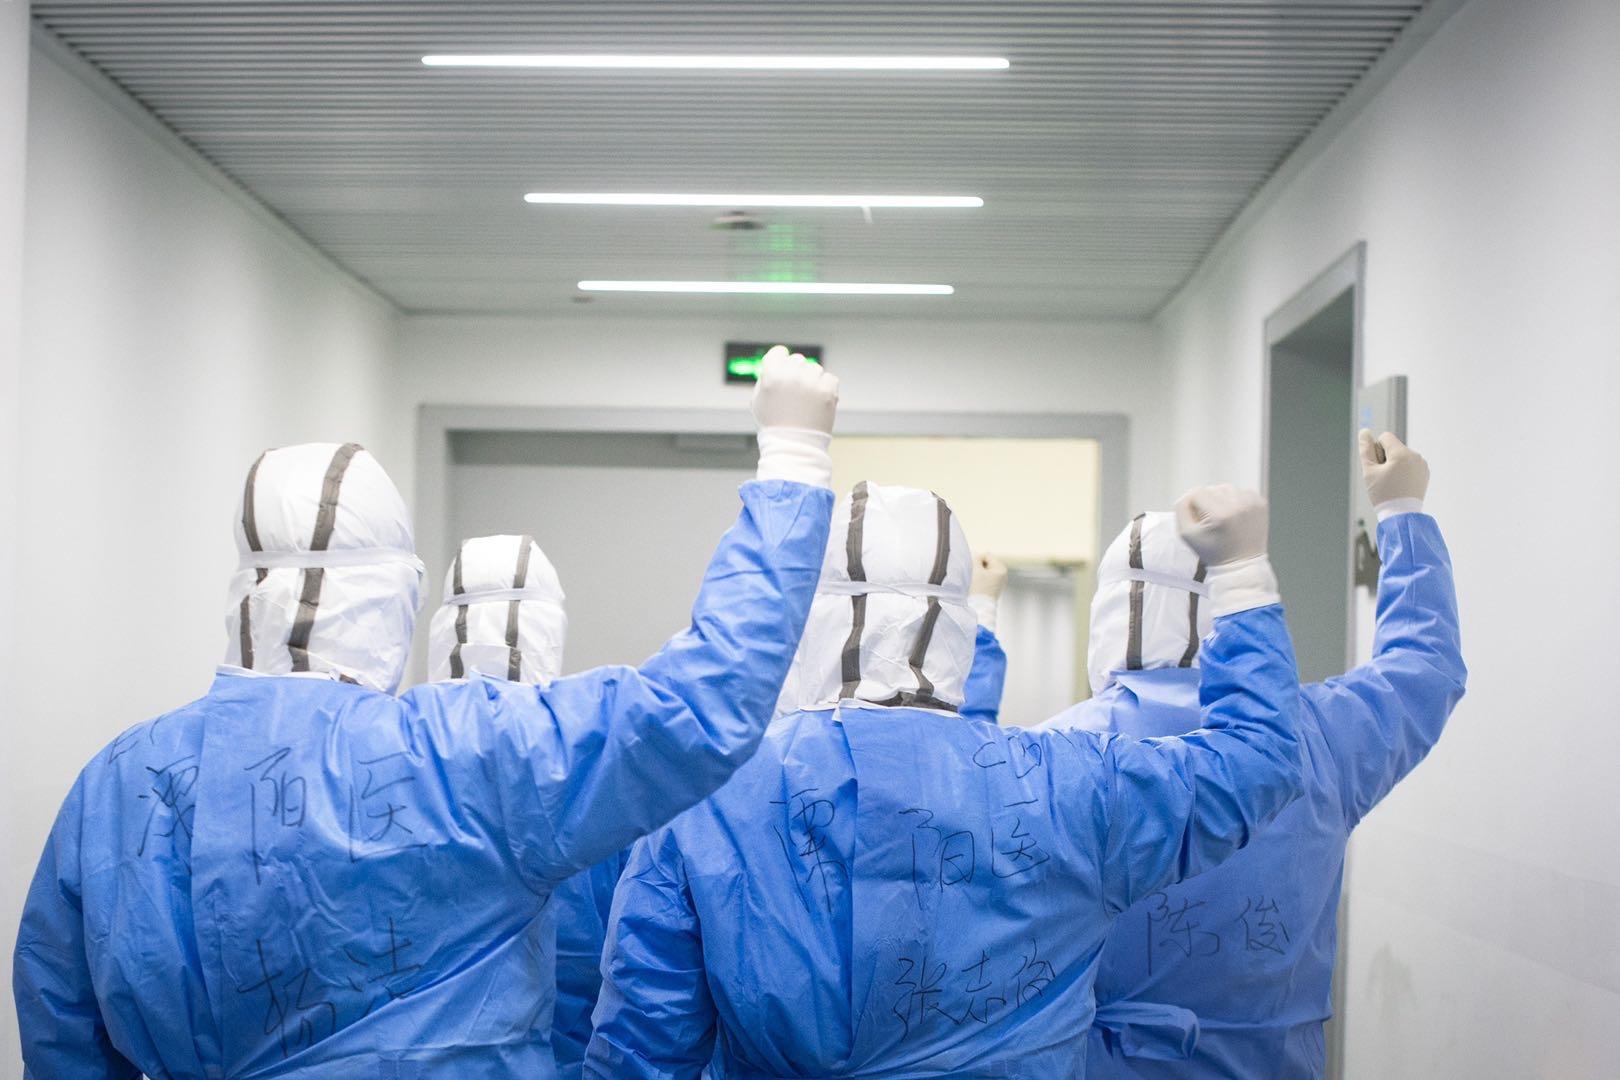 抗疫牺牲的每一位医护人员,都应该授予烈士荣誉